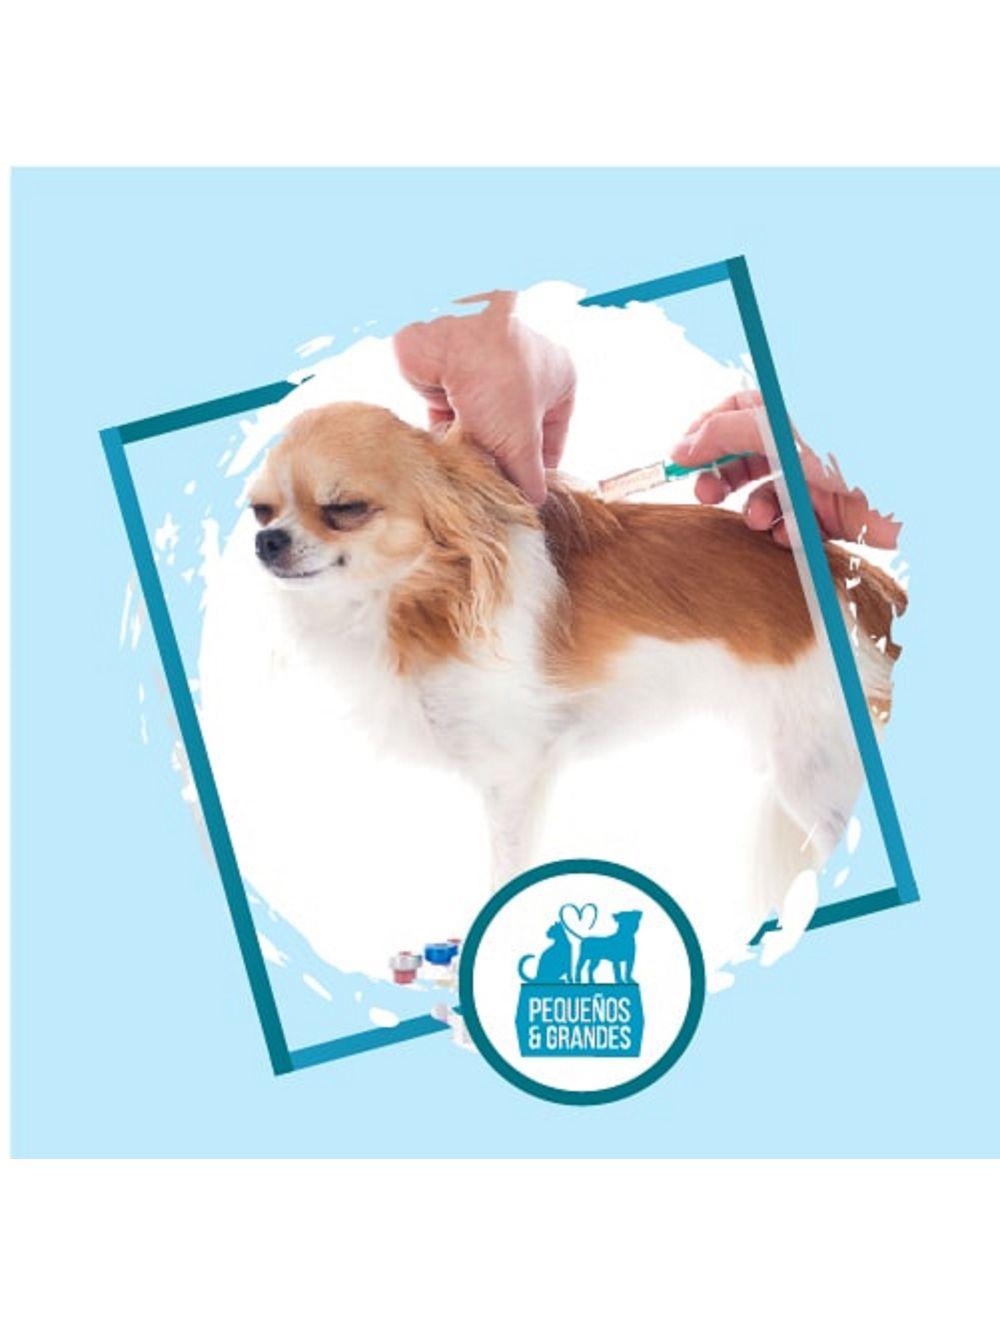 Vacunación a domicilio Perro - Pentavalente